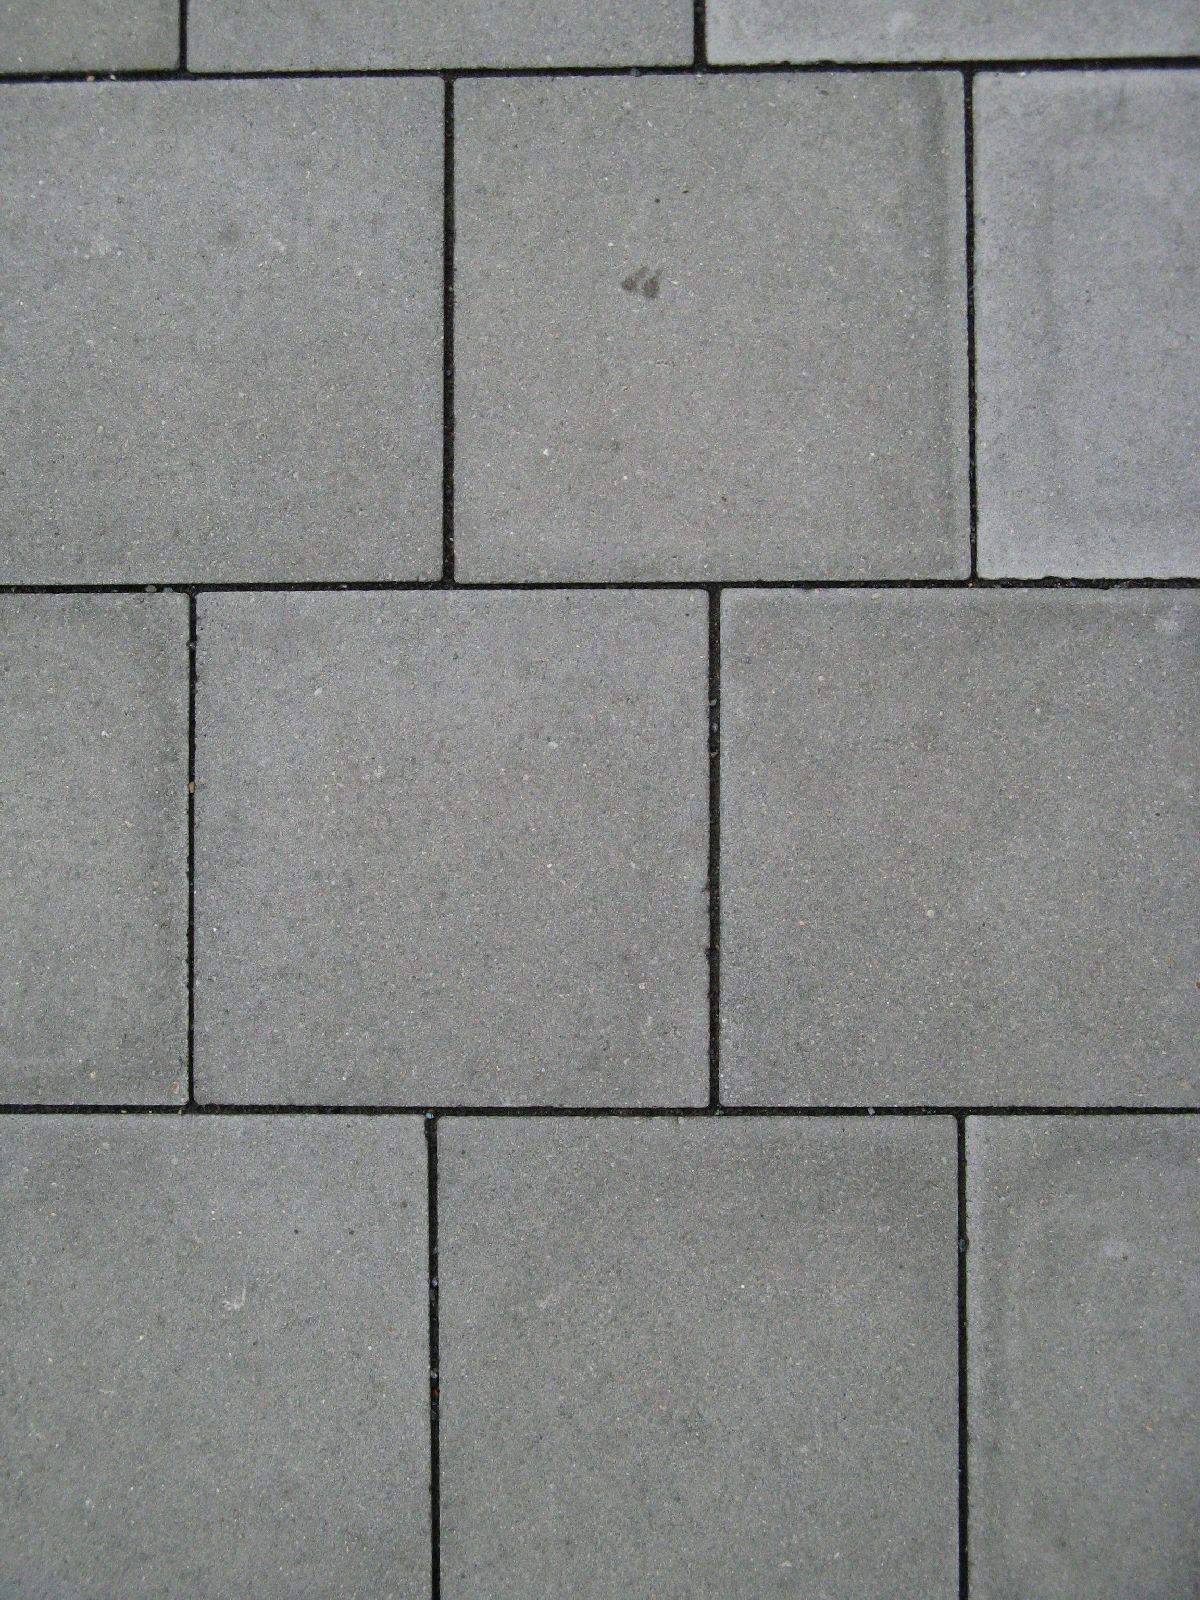 Ground-Urban_Texture_B_04379